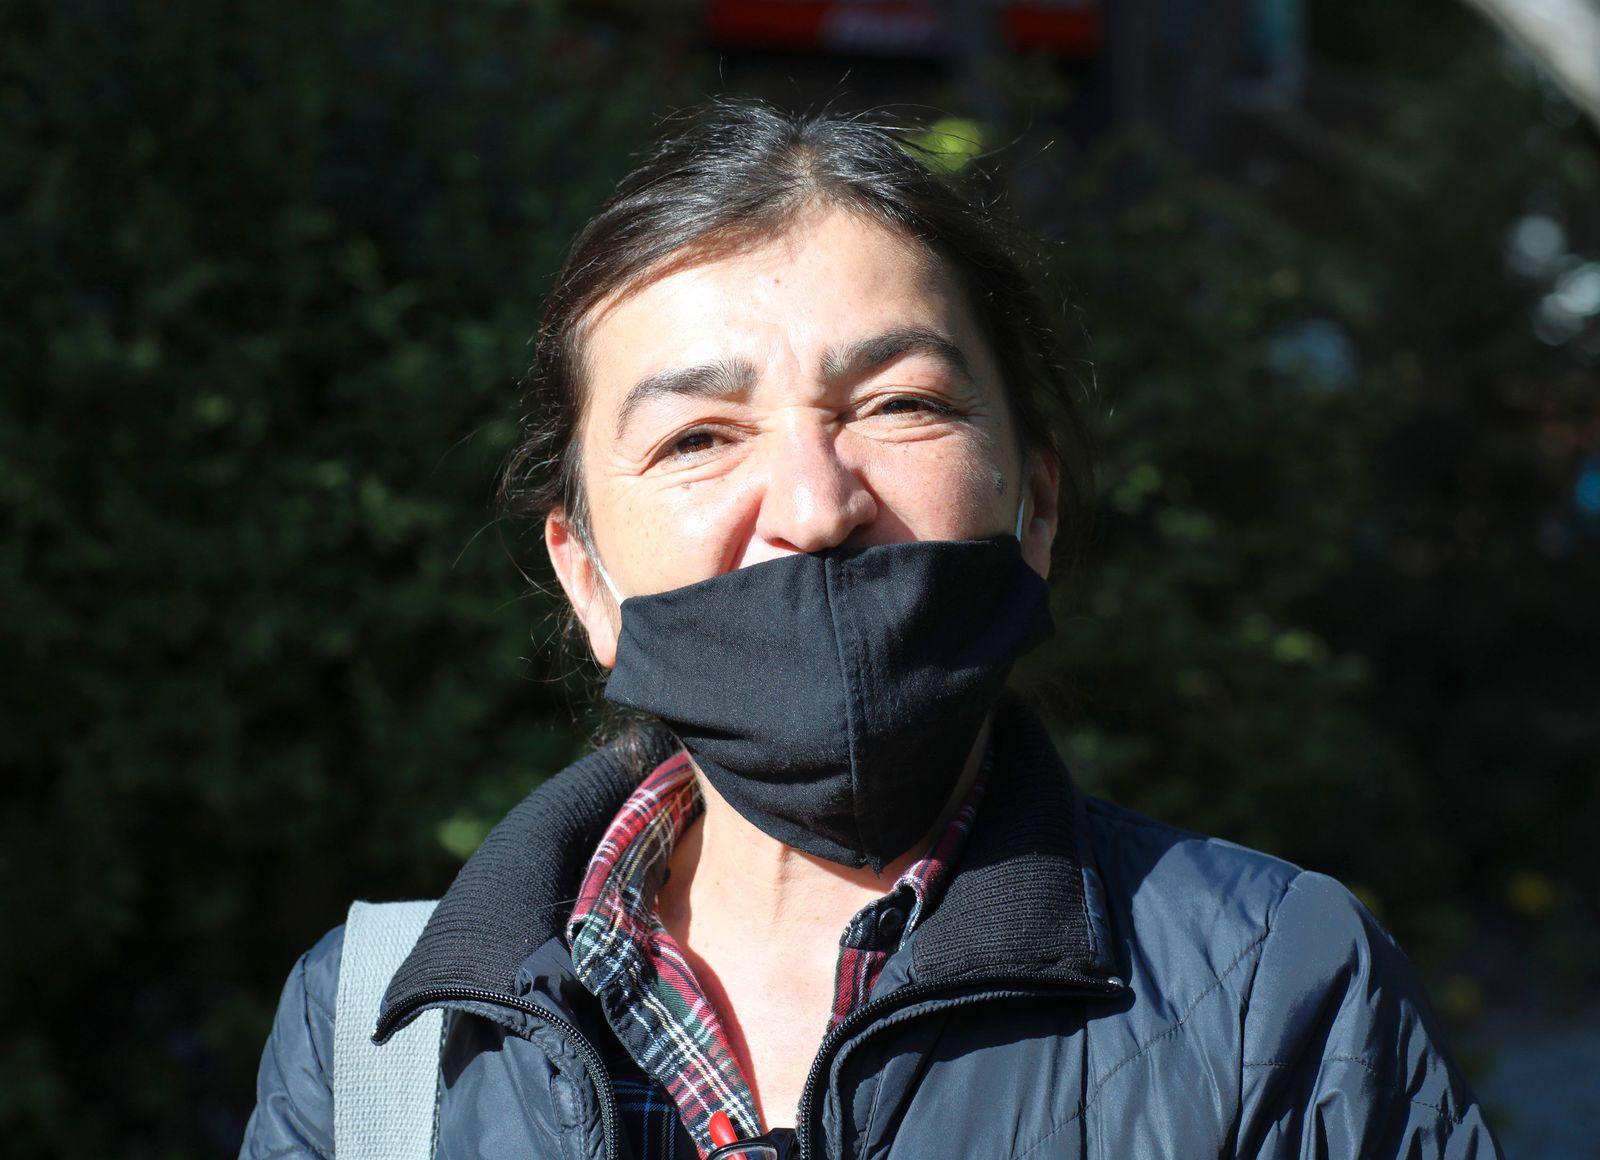 Turkey Journalists Detaines